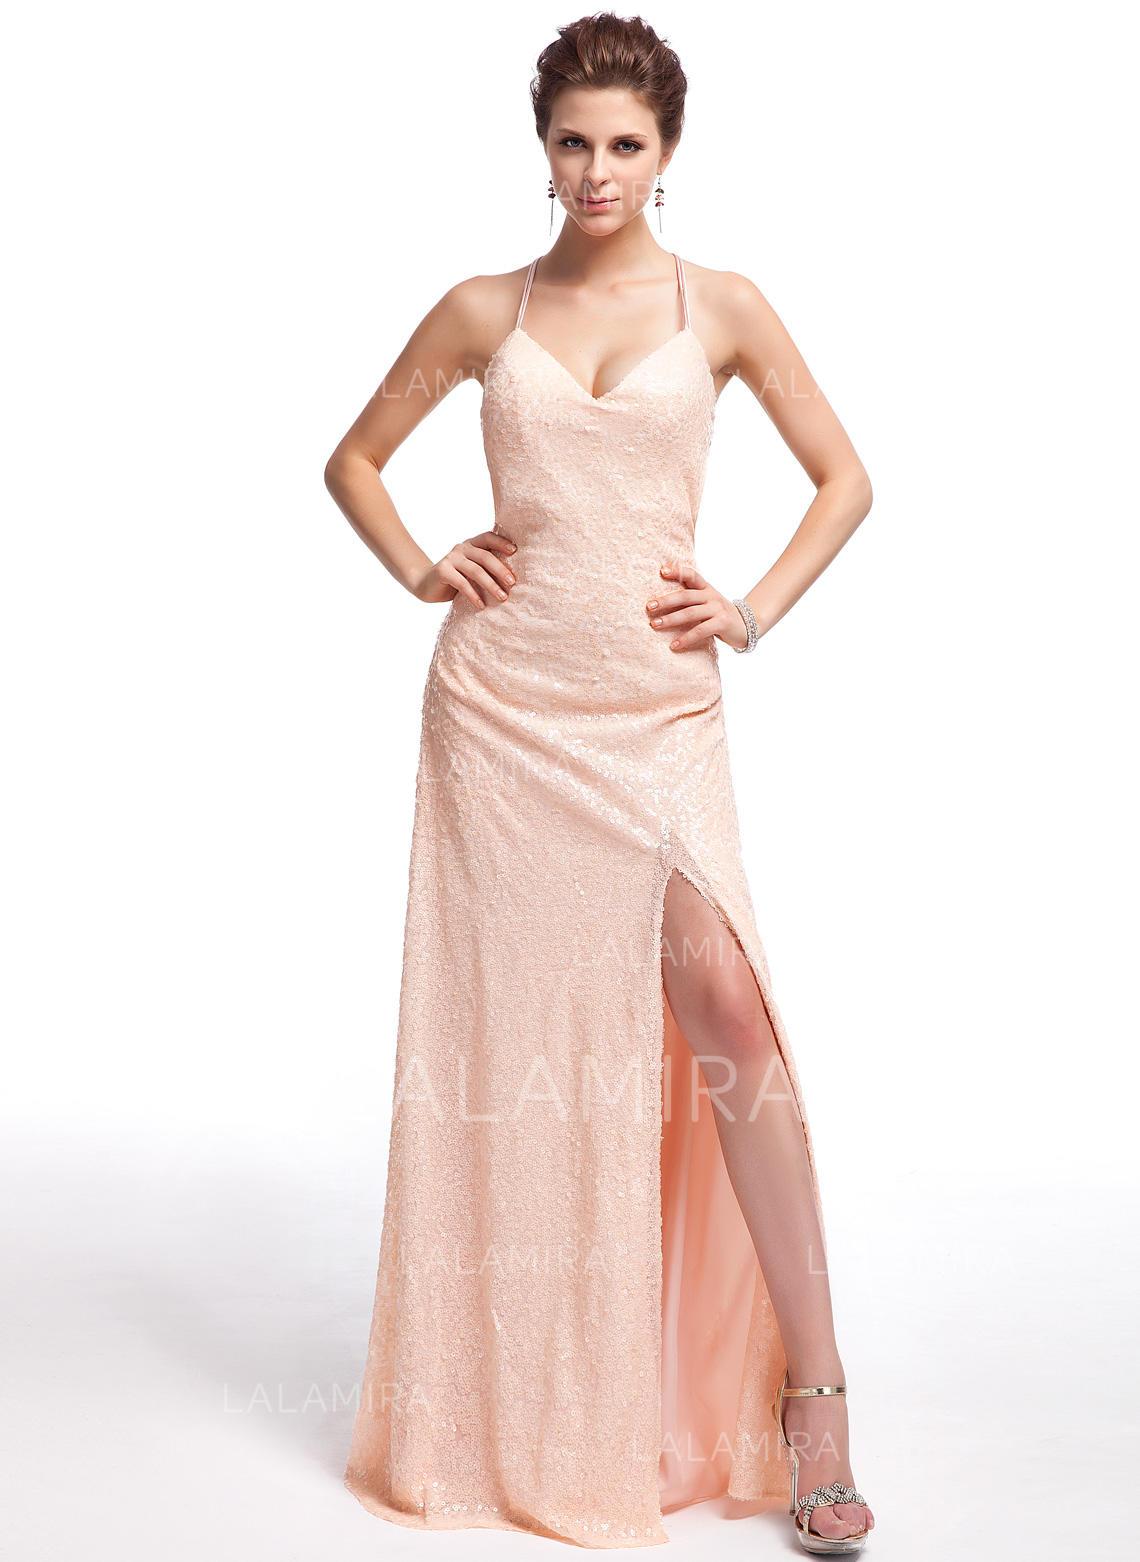 bf320f43398 Forme Fourreau Pailleté Robes de bal Magnifique Longueur ras du sol  Amoureux Sans manches (018210433. Loading zoom